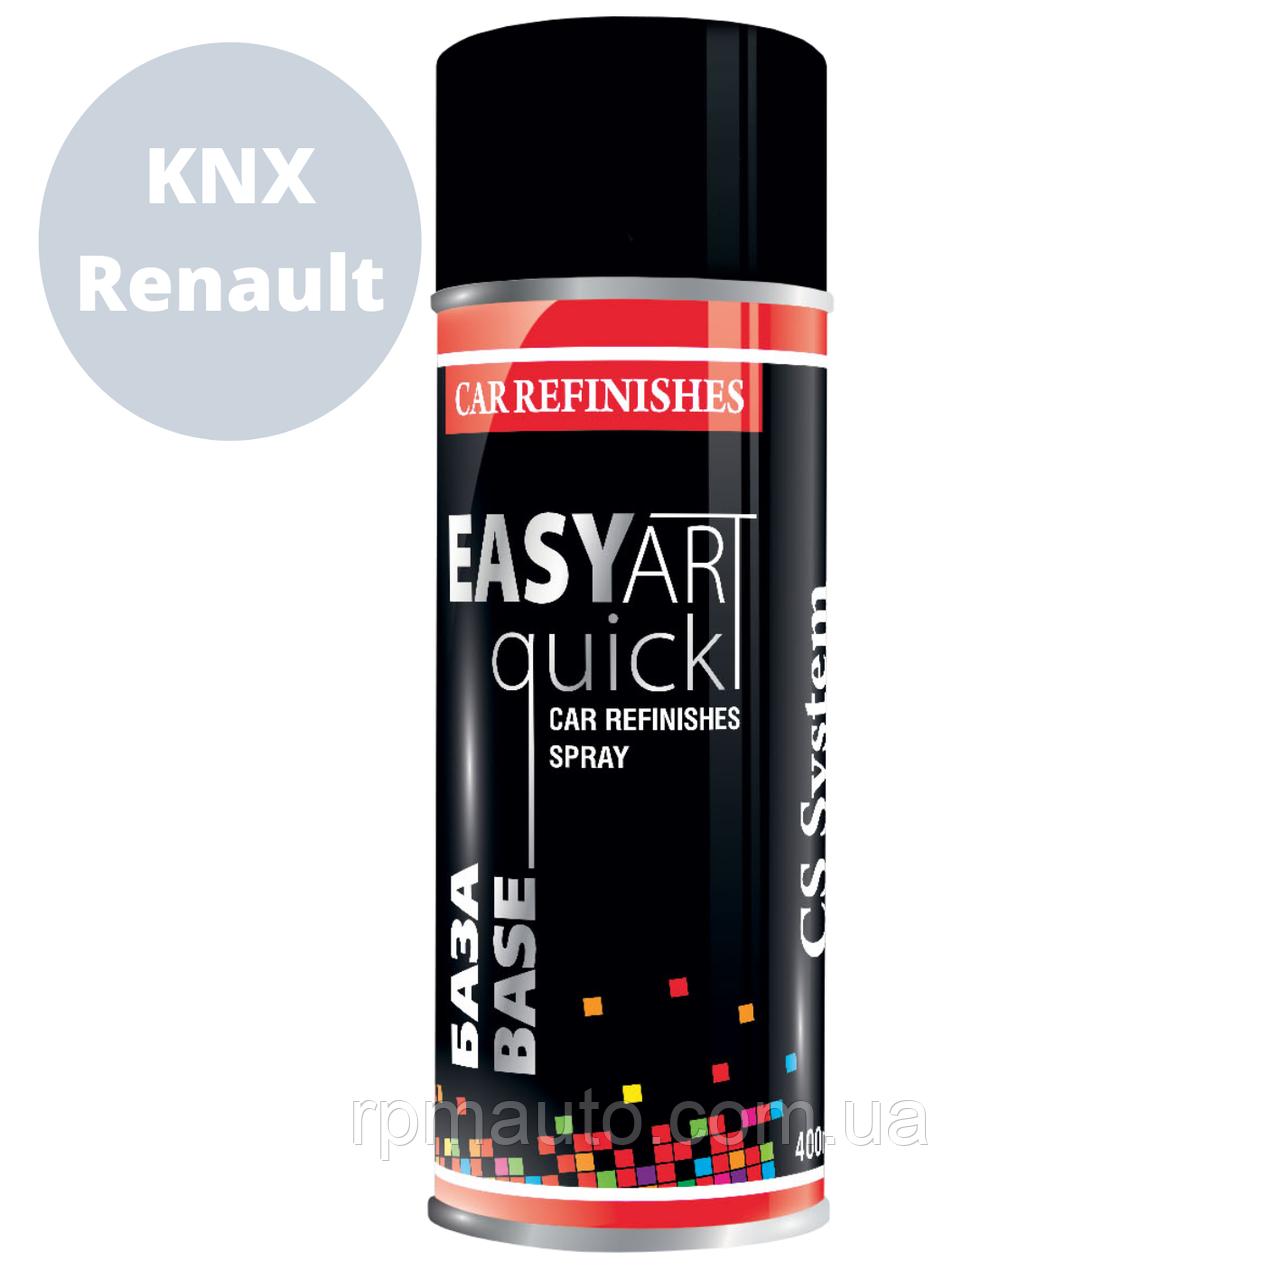 Автомобильная Краска в Баллончиках Серебристый Металлик KNX Renault CSS EASY ART Quick BASE  400м